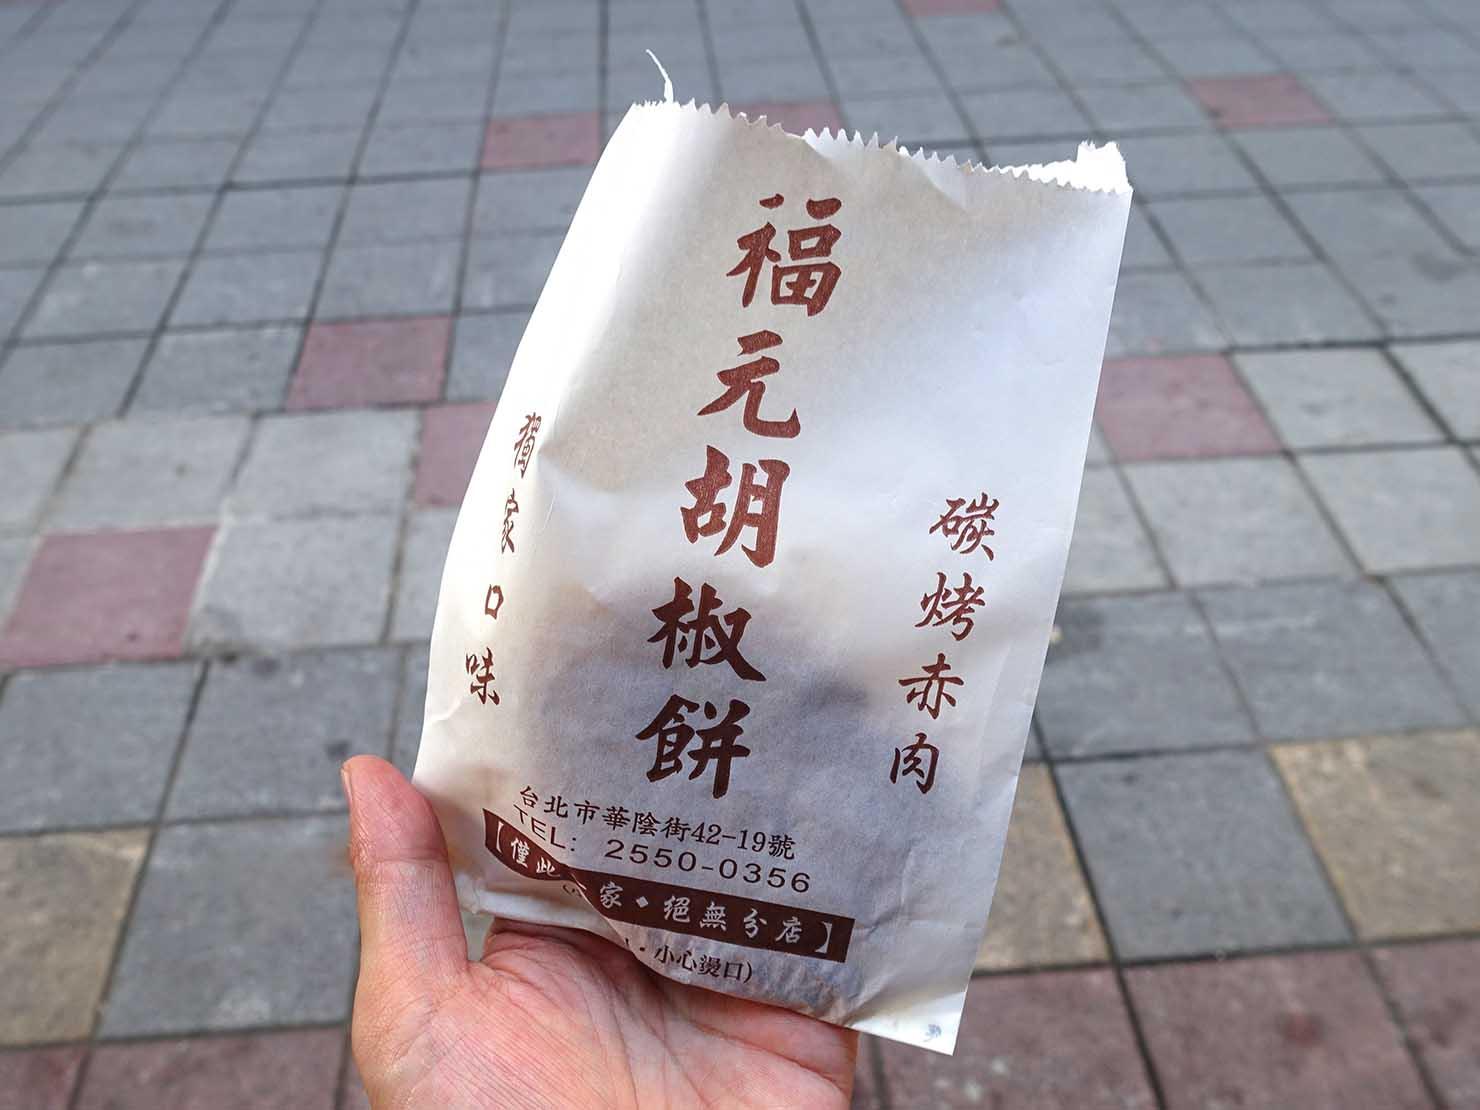 台北駅周辺のおすすめ台湾グルメ店「福元胡椒餅」のパッケージ